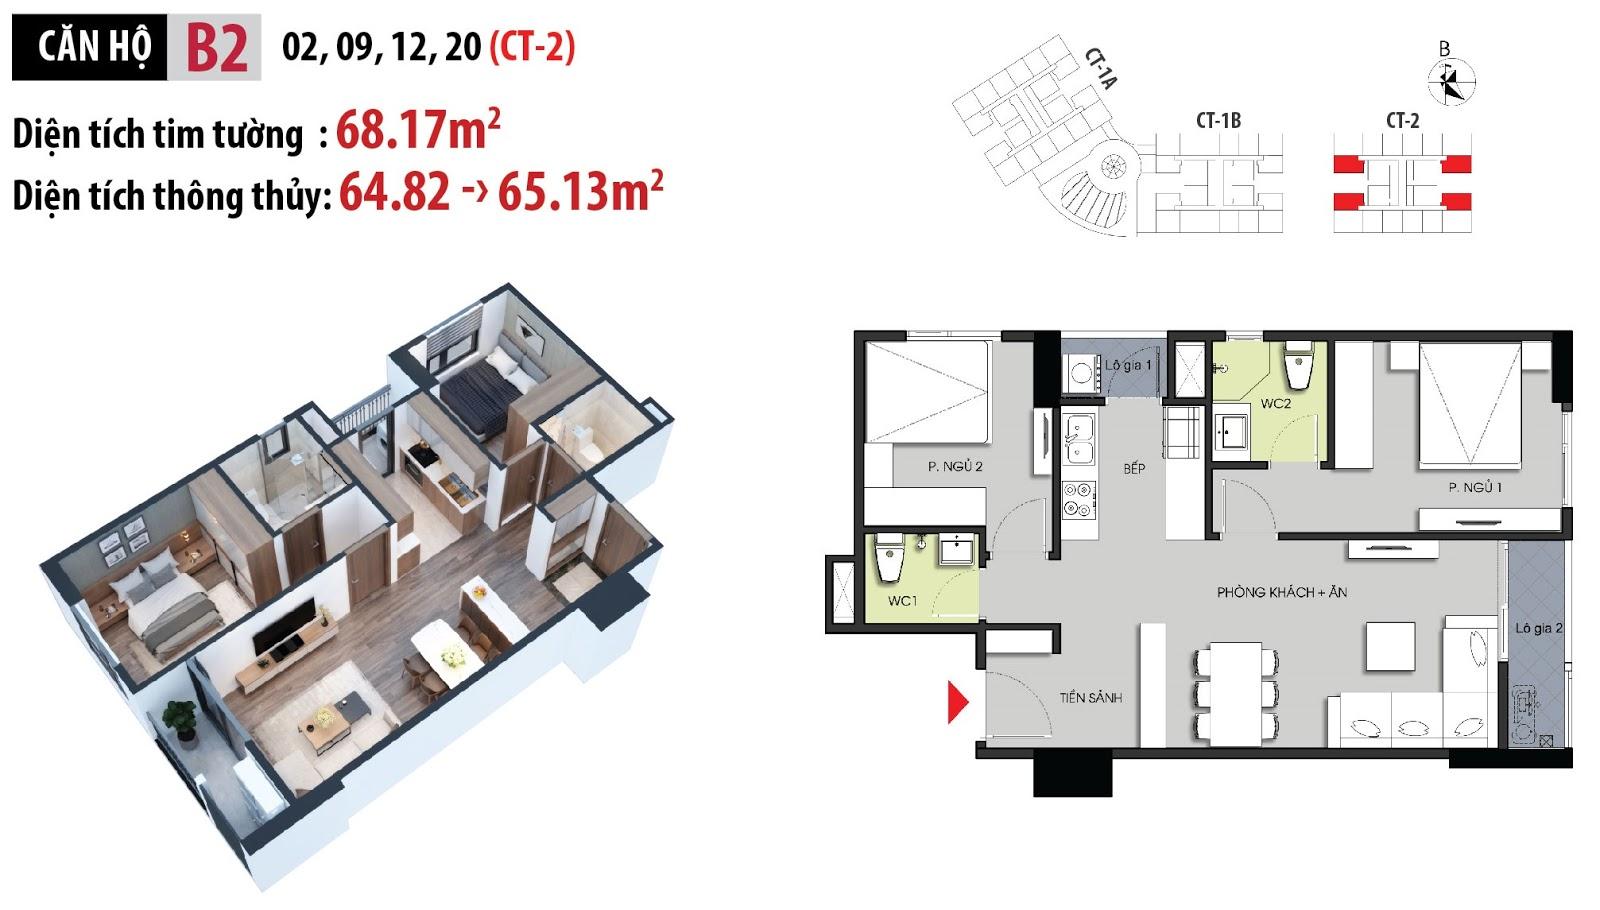 Mặt bằng chi tiết căn hộ số 02 - 09 - 12 - 20 dự án chung cư Hateco Apollo Xuân Phương